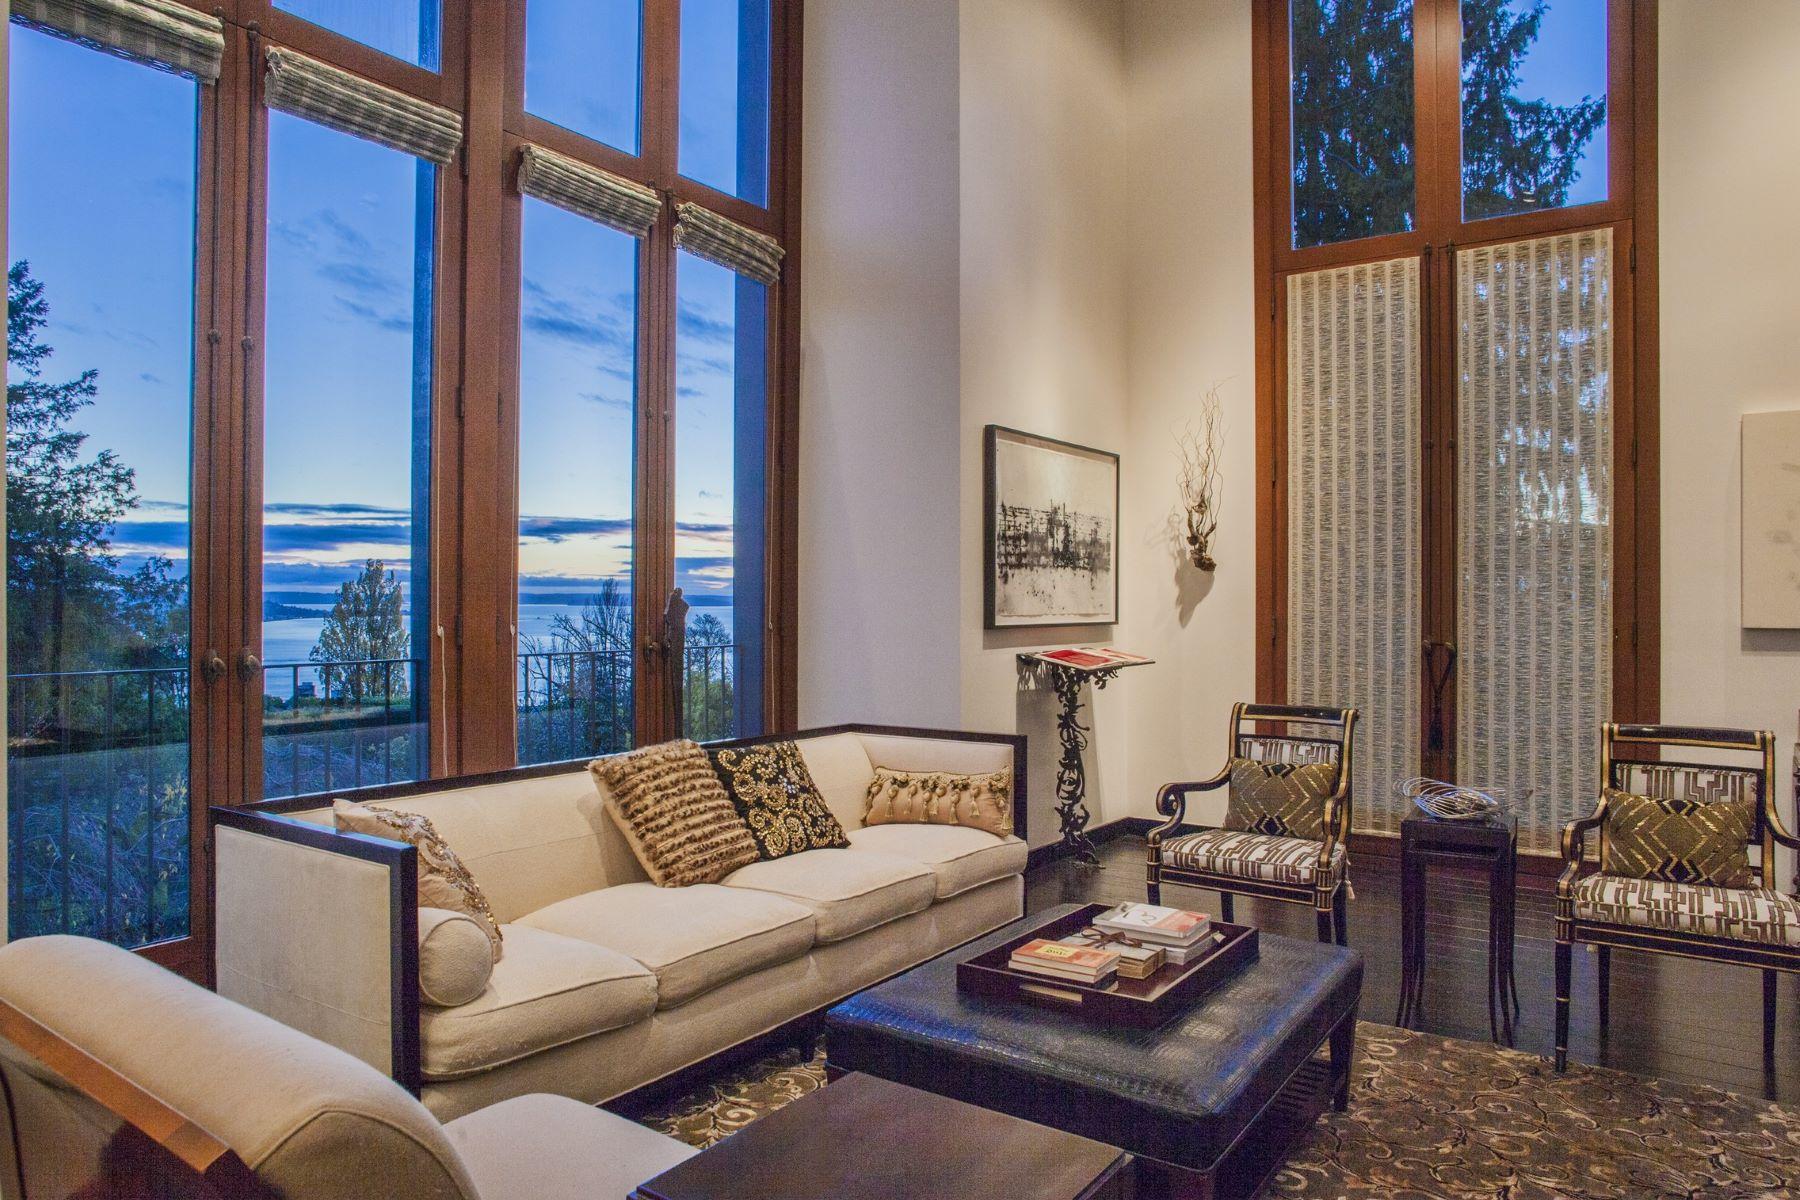 Частный односемейный дом для того Продажа на 1217 Willard Avenue W Seattle, Вашингтон, 98119 Соединенные Штаты